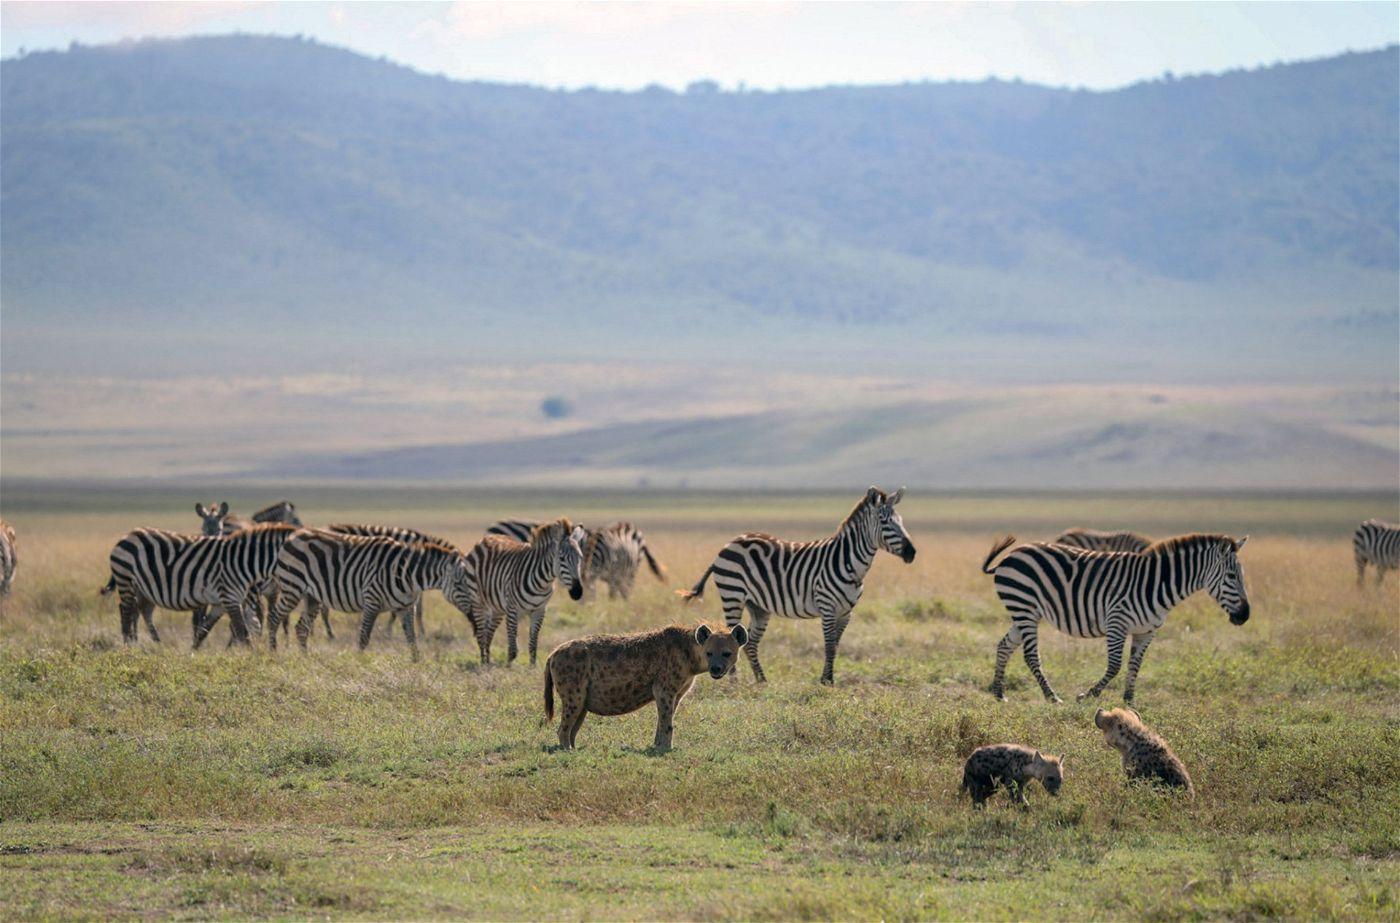 Steppenzebras sind neben Gnus und Kaffernbüffelkälbern die Hauptbeute von Tüpfelhyänen.